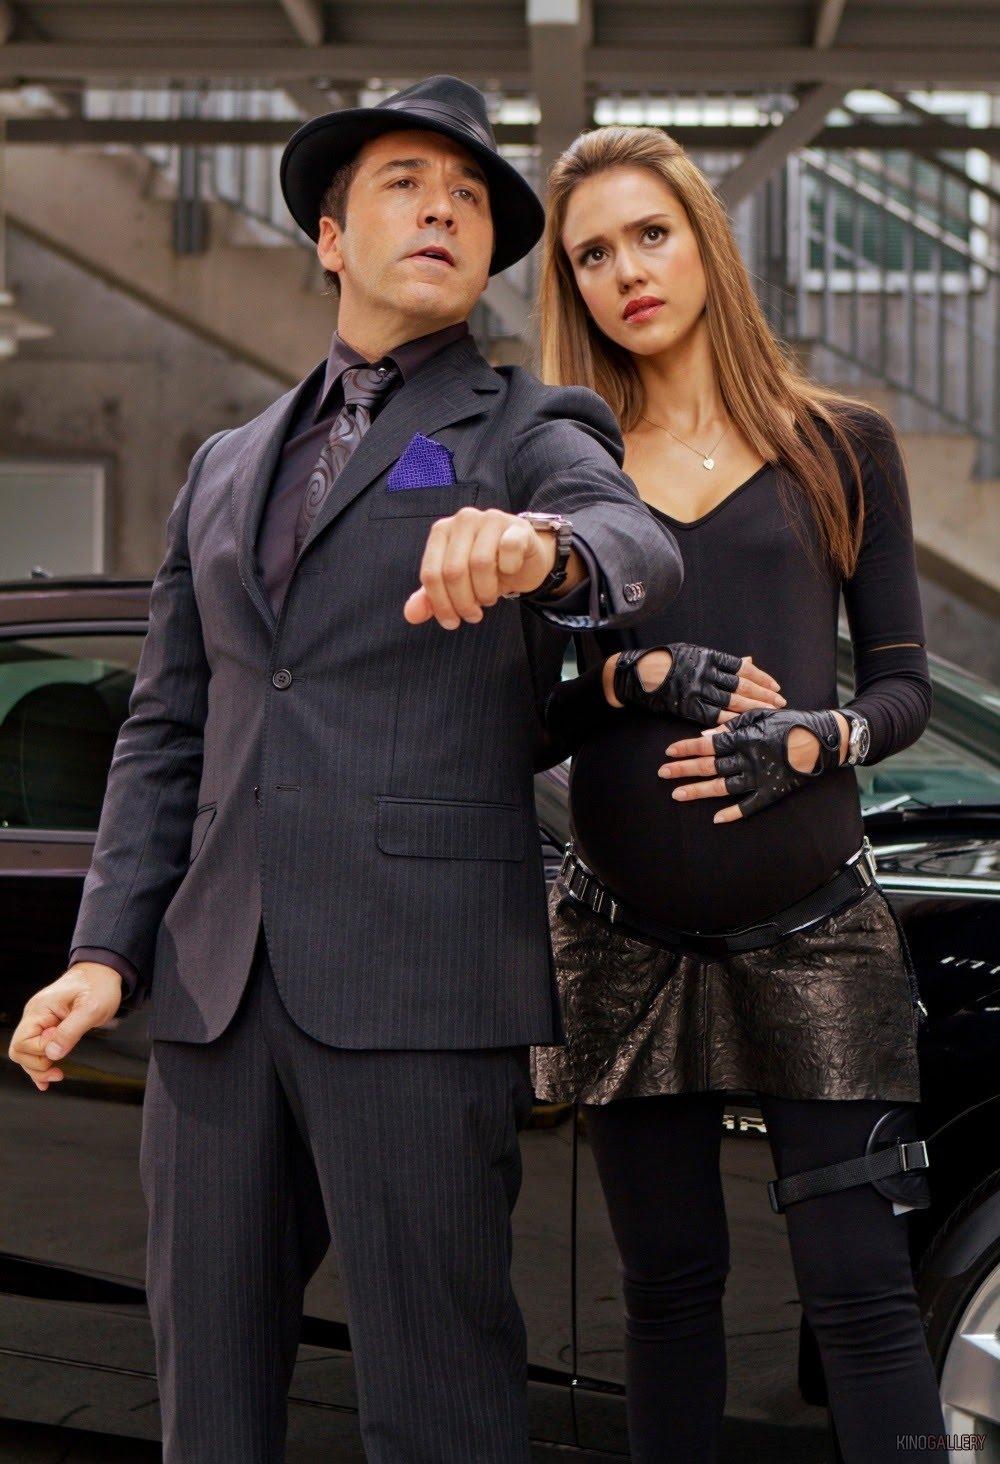 Alexa vega and daryl sabara dating 6